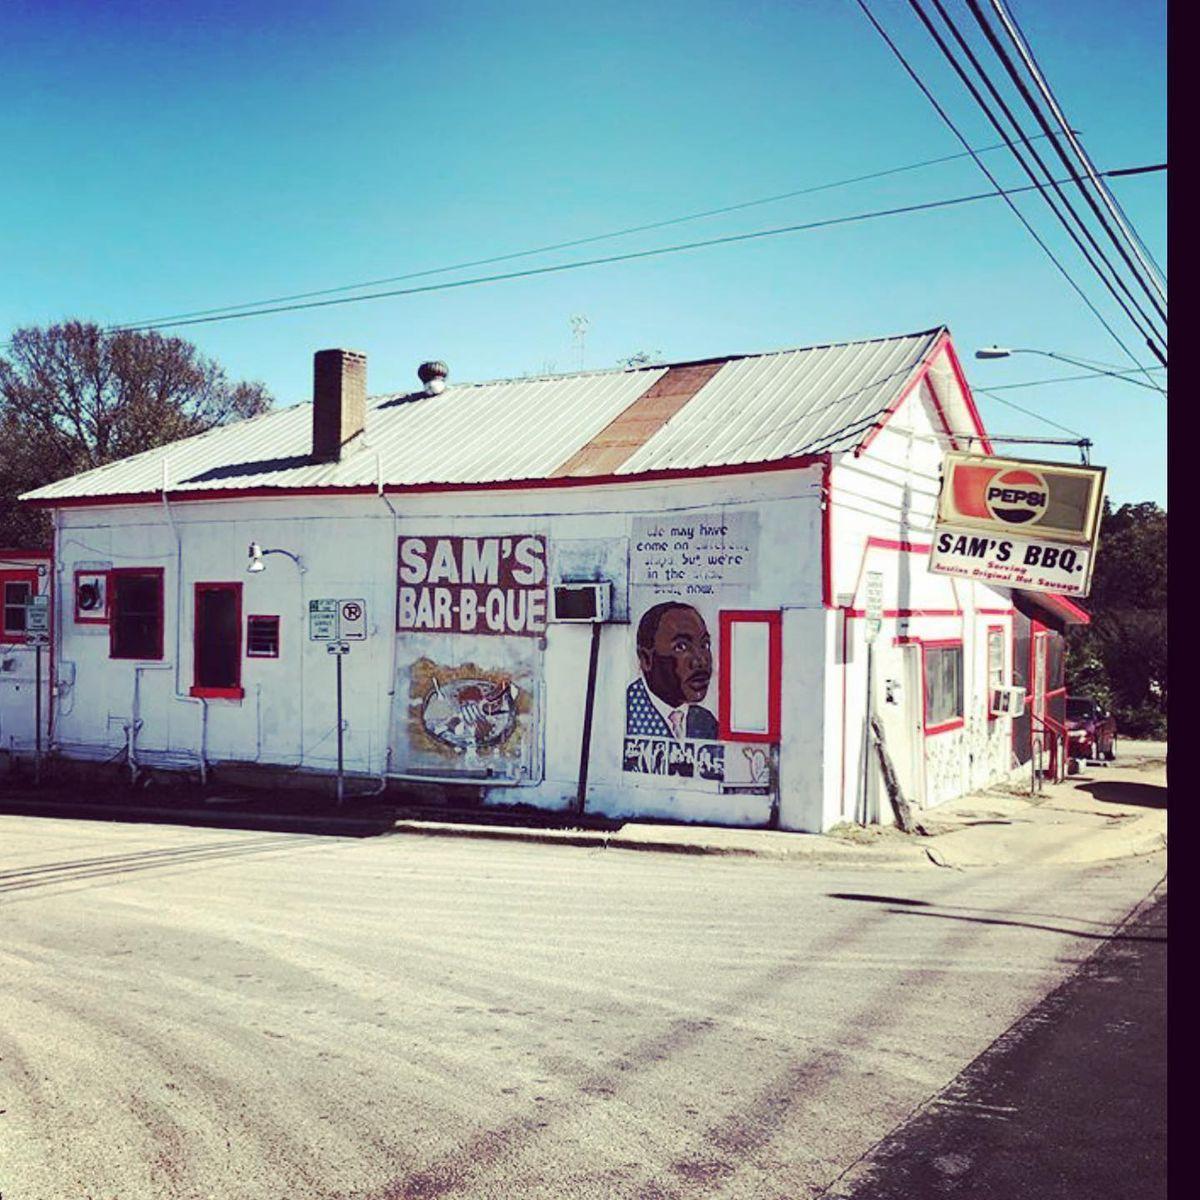 """Um prédio branco com uma placa vermelha que diz """"Sam's Bar-B-Que"""" em letras brancas ao lado de um mural de Martin Luther King Jr."""